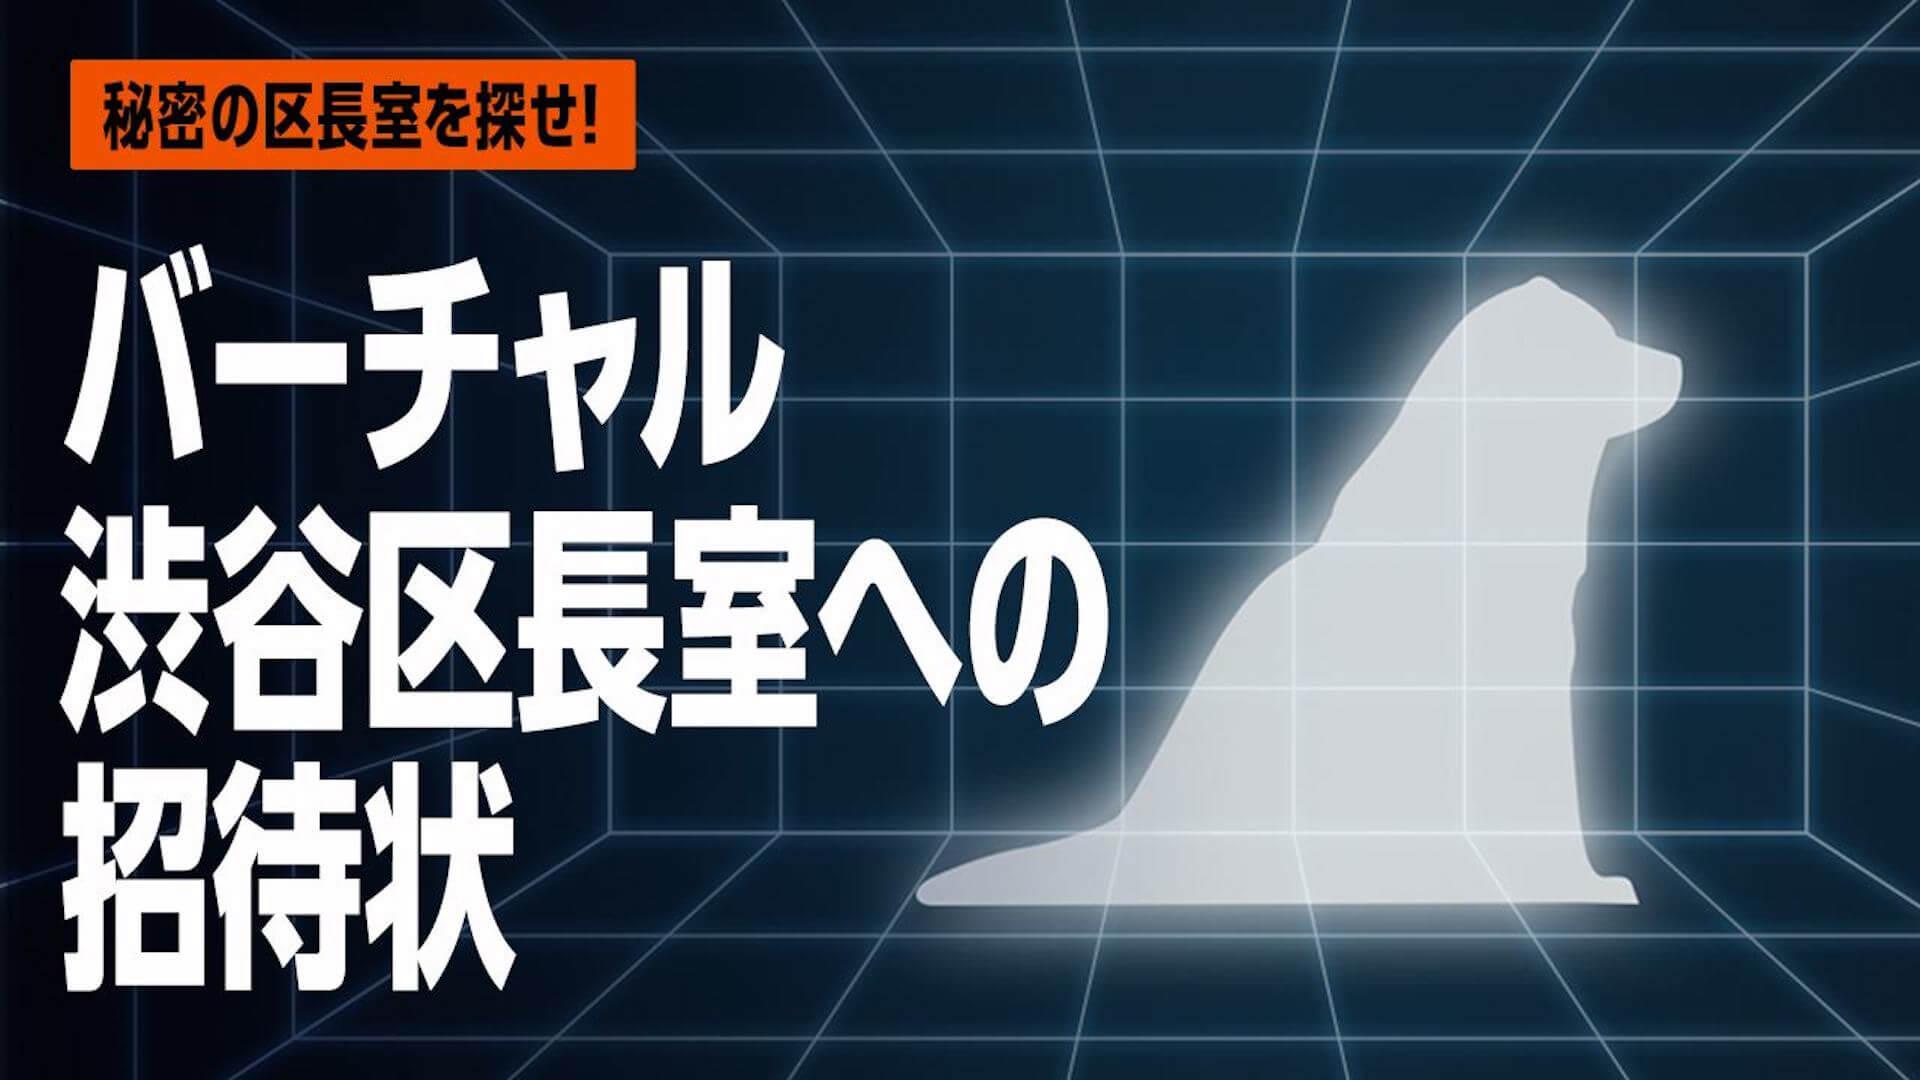 <バーチャル渋谷 au 5G ハロウィーンフェス>がついに本日開幕!最終日はEllen Allien、SURGEONら参加のDOMMUNEコラボイベントも実施 music201026_shibuya_halloween_18